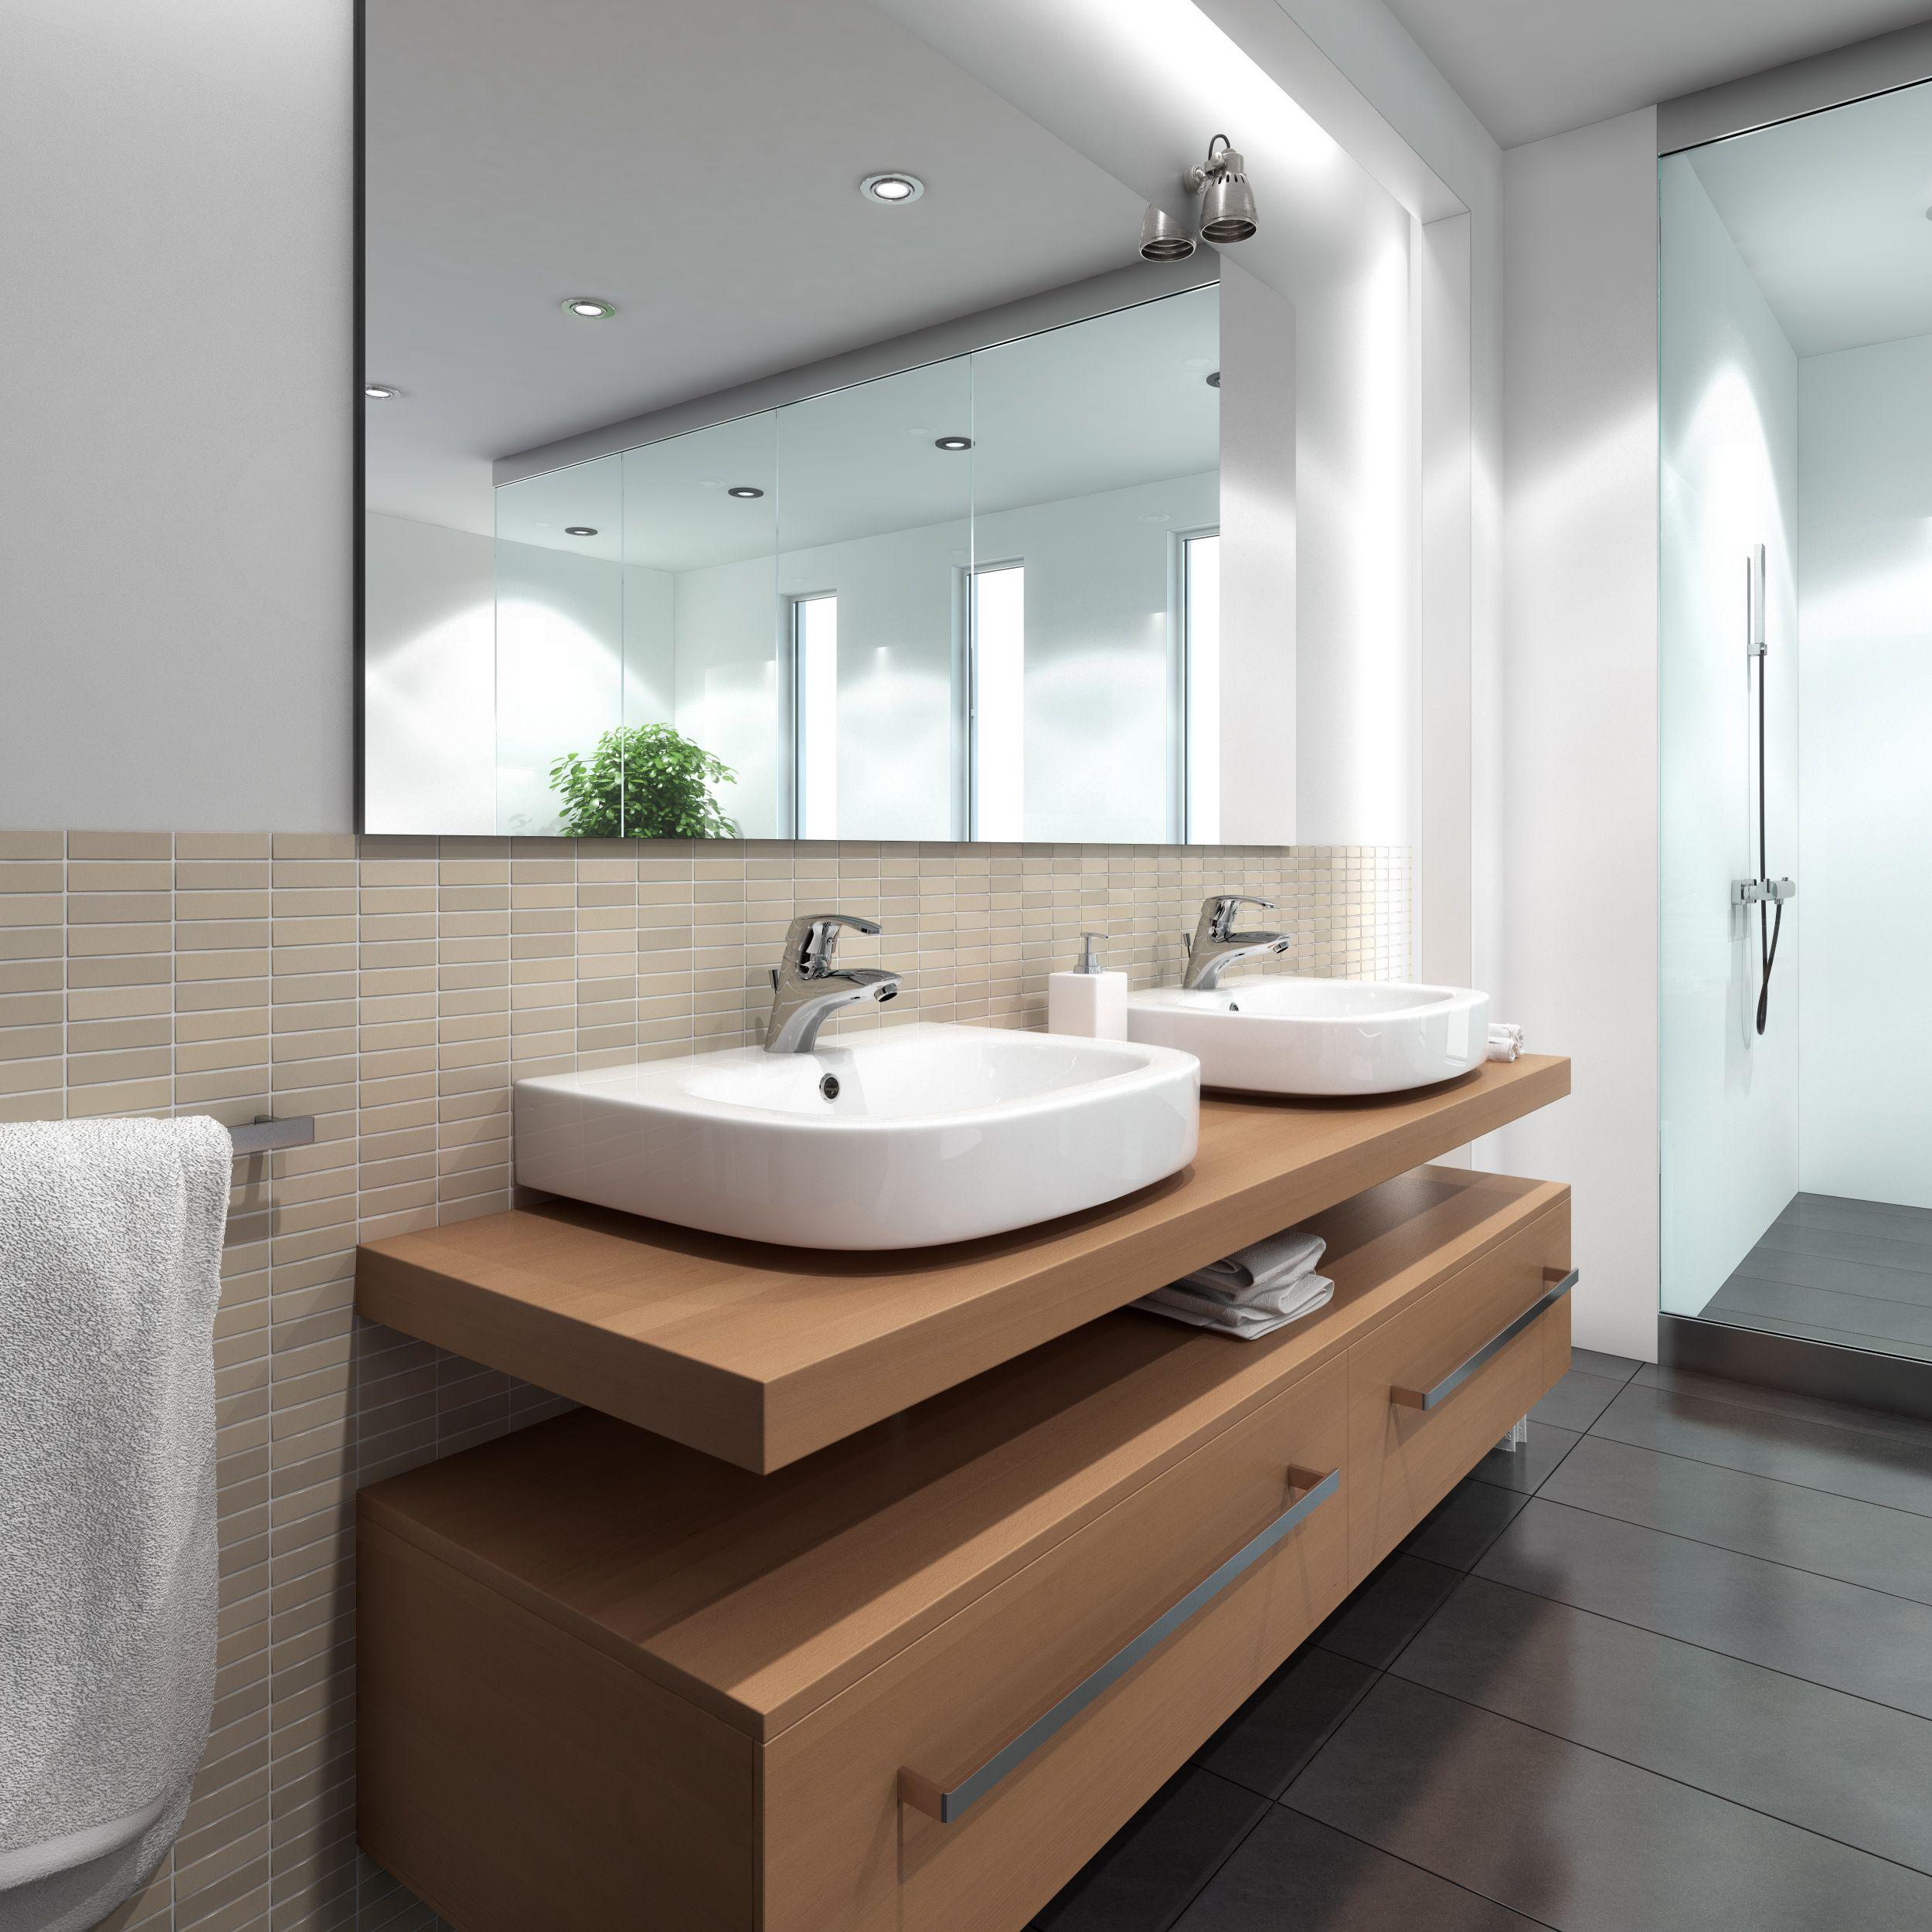 Badezimmer Ideen Musterbader Von Hornbach Badezimmer Waschbecken Bad Ikea Badezimmer